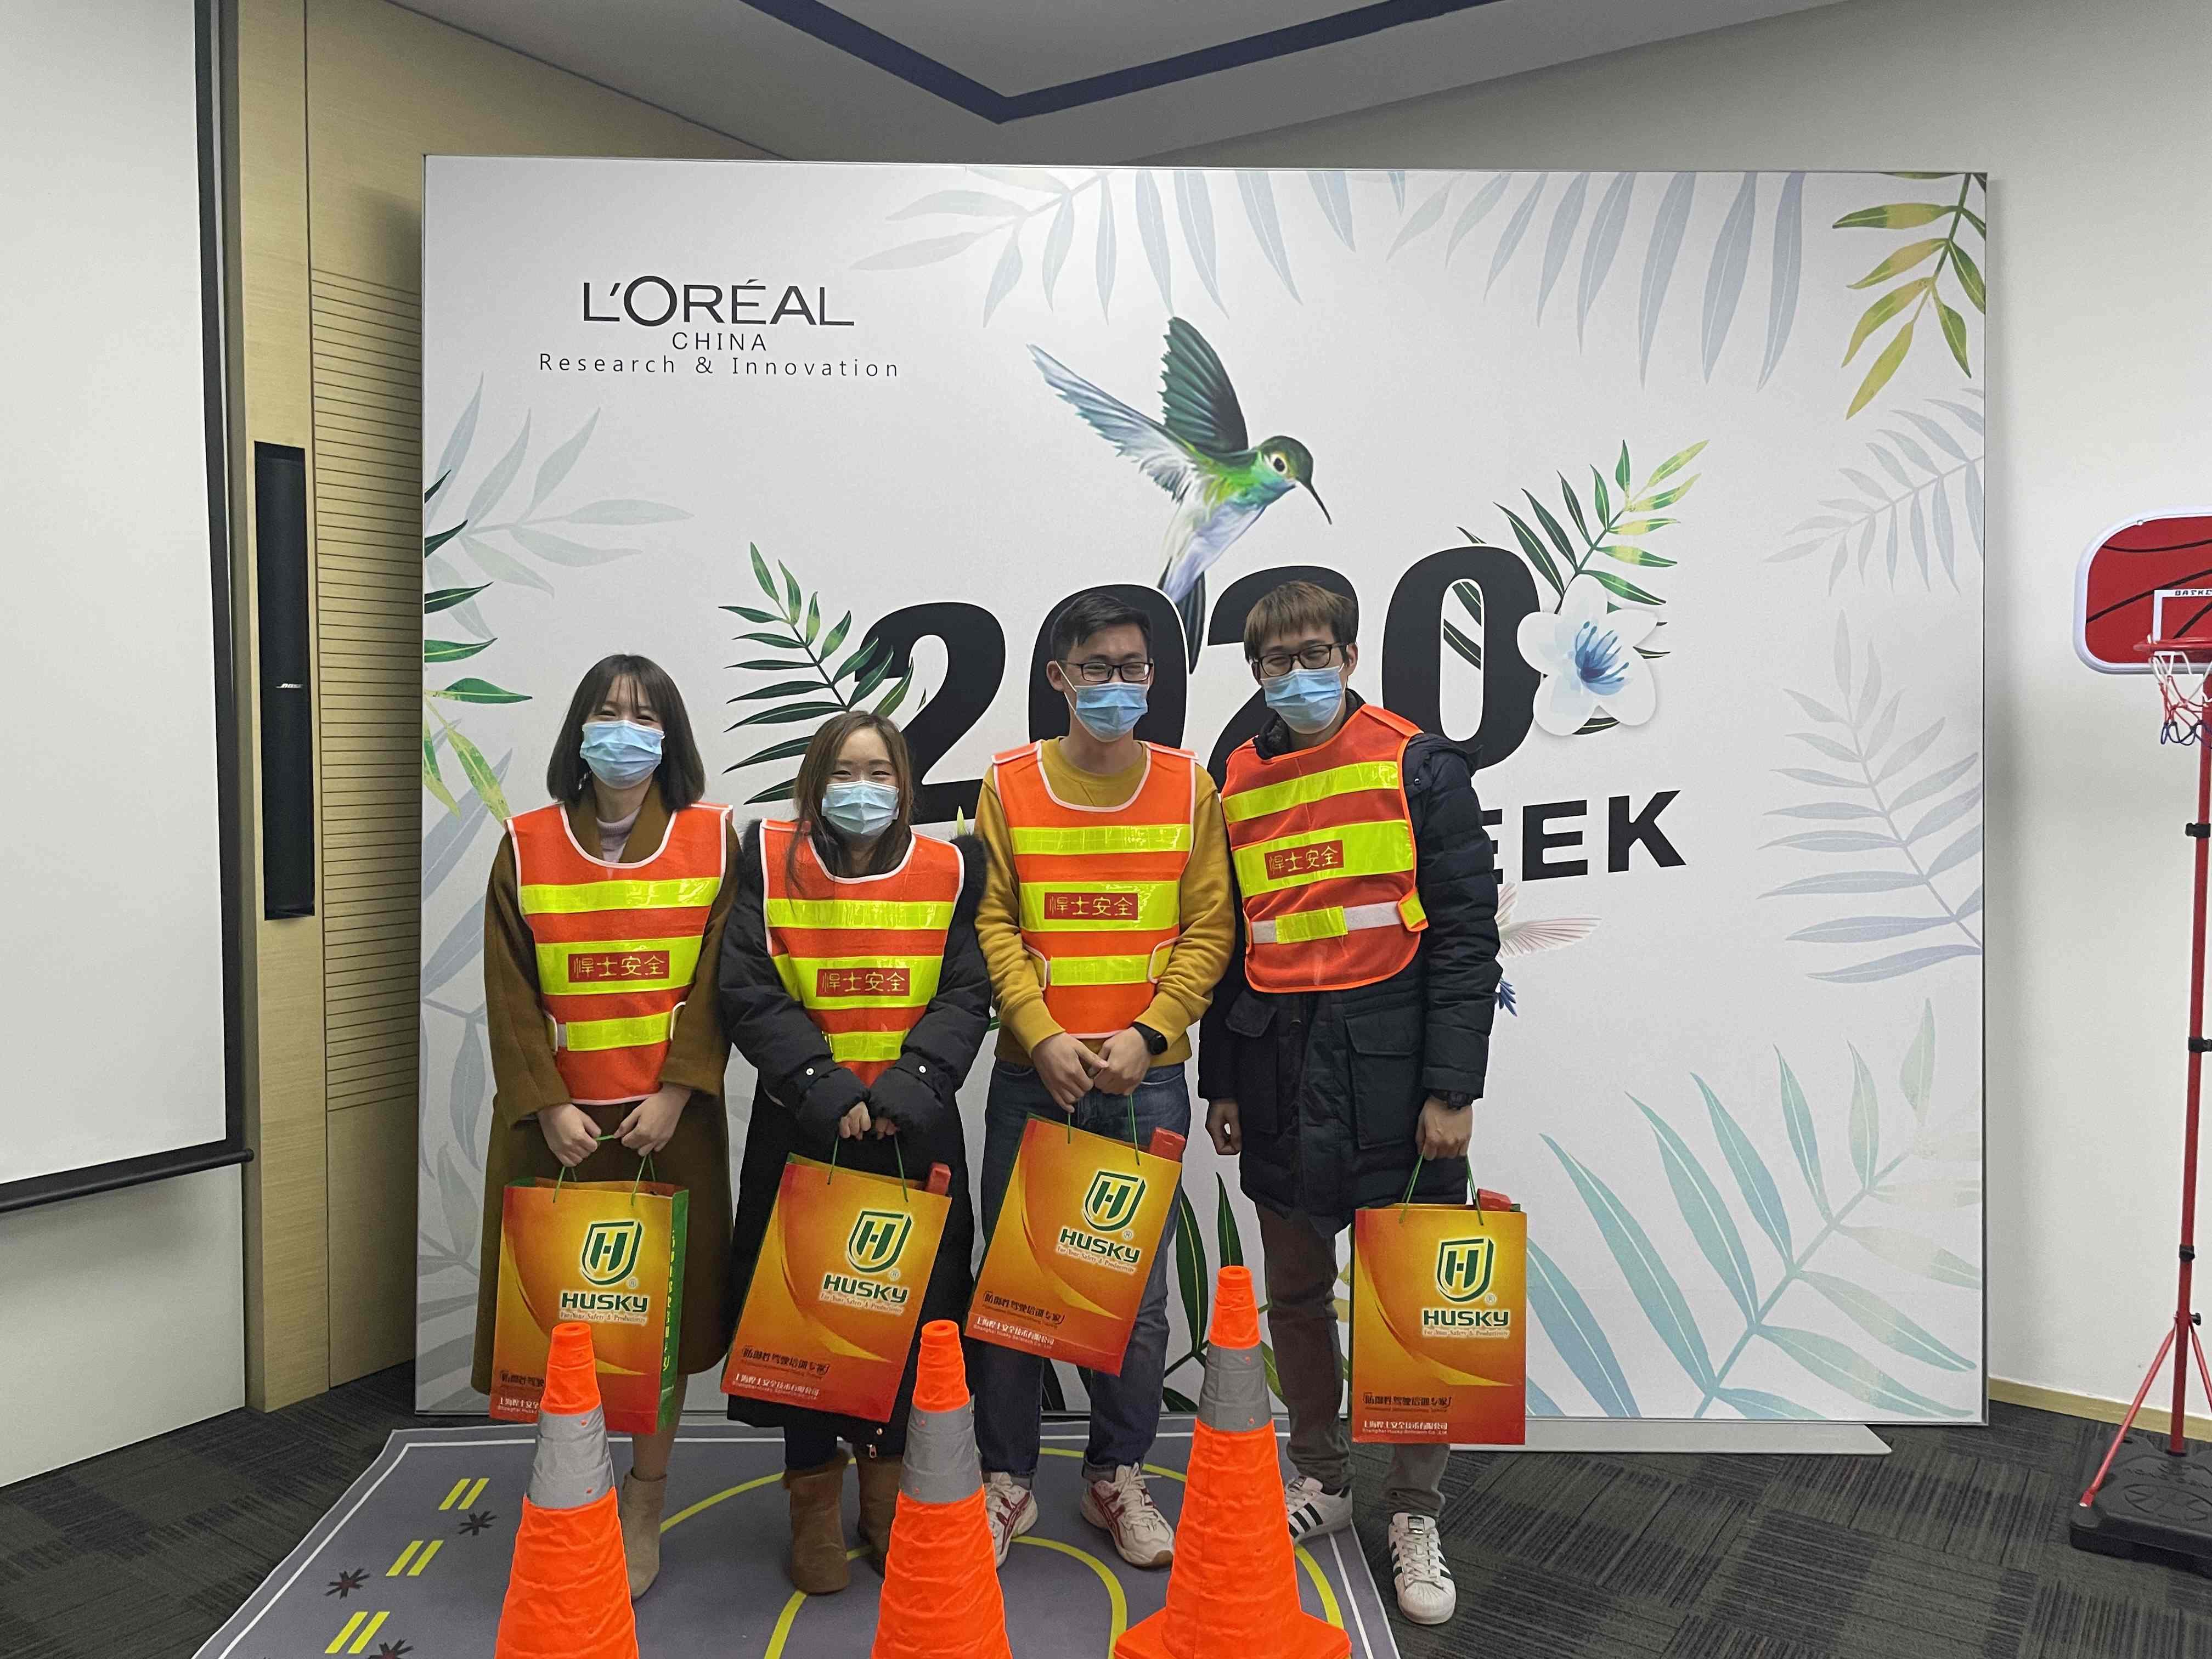 欧莱雅安全周举办道路安全讲座及体验活动